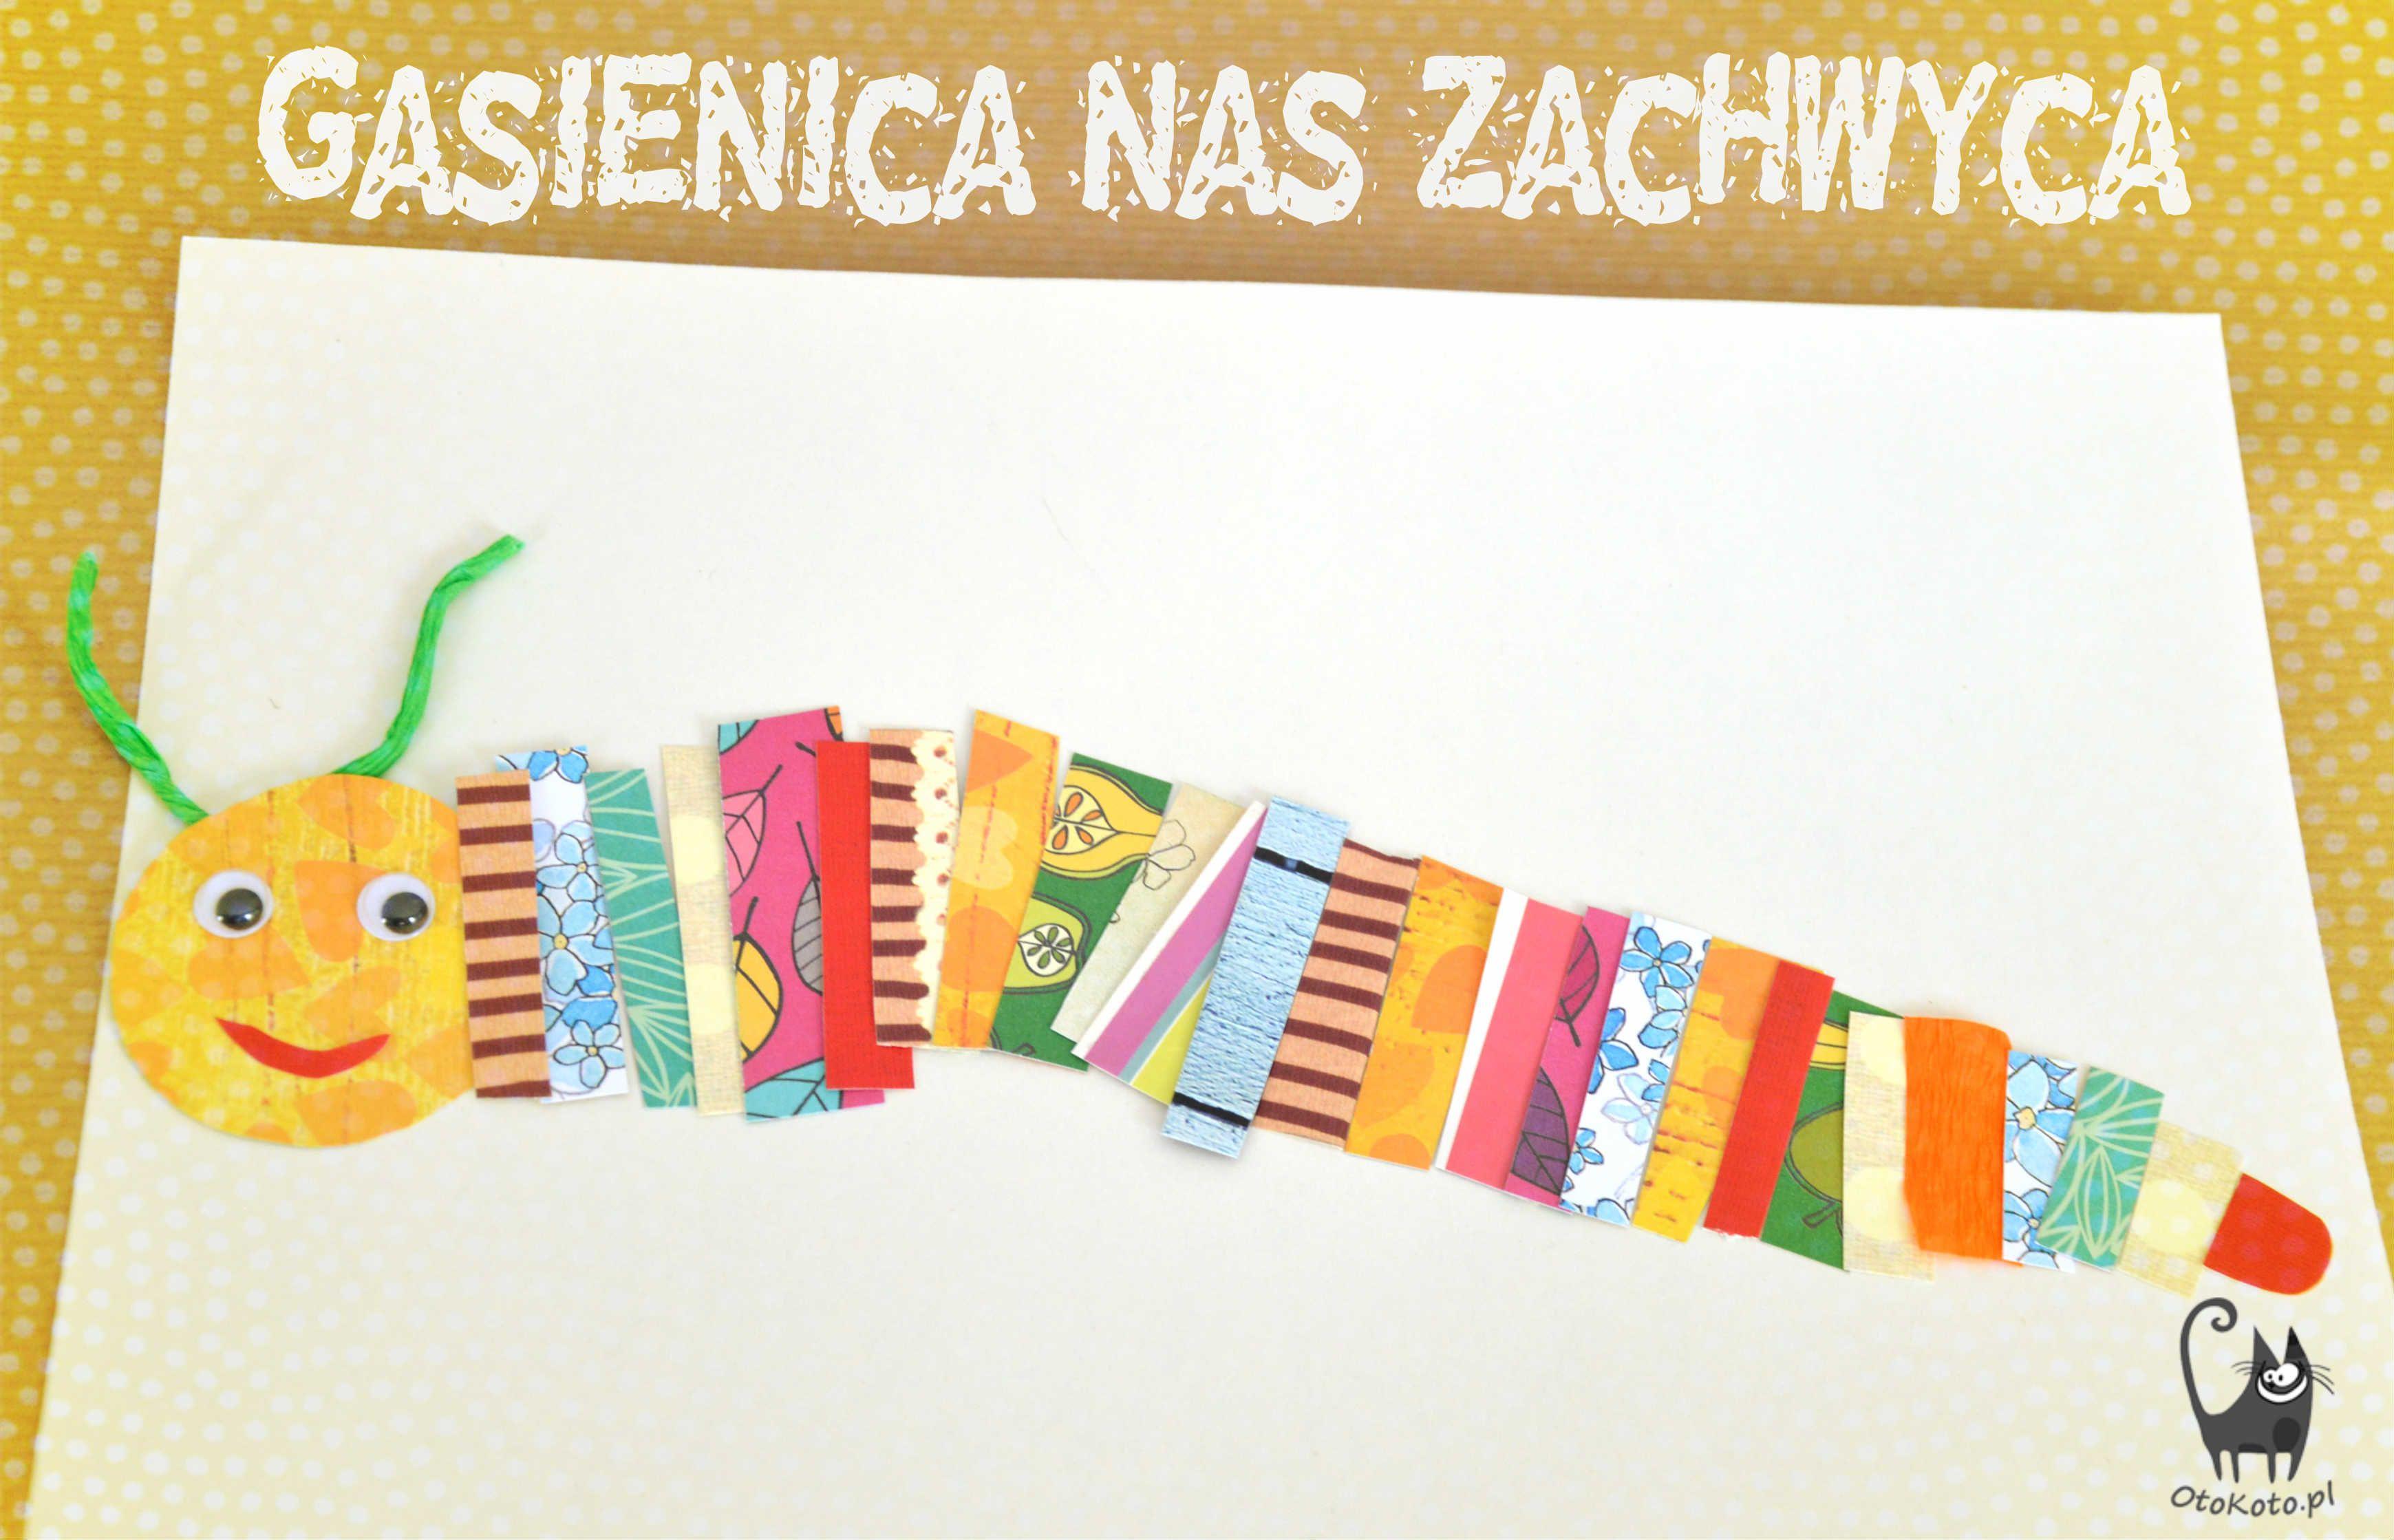 Zabawy Dla Dzieci Kolorowanki Piosenki I Bajki Dla Dzieci Embroidered Decor Embroidered Friendship Bracelet